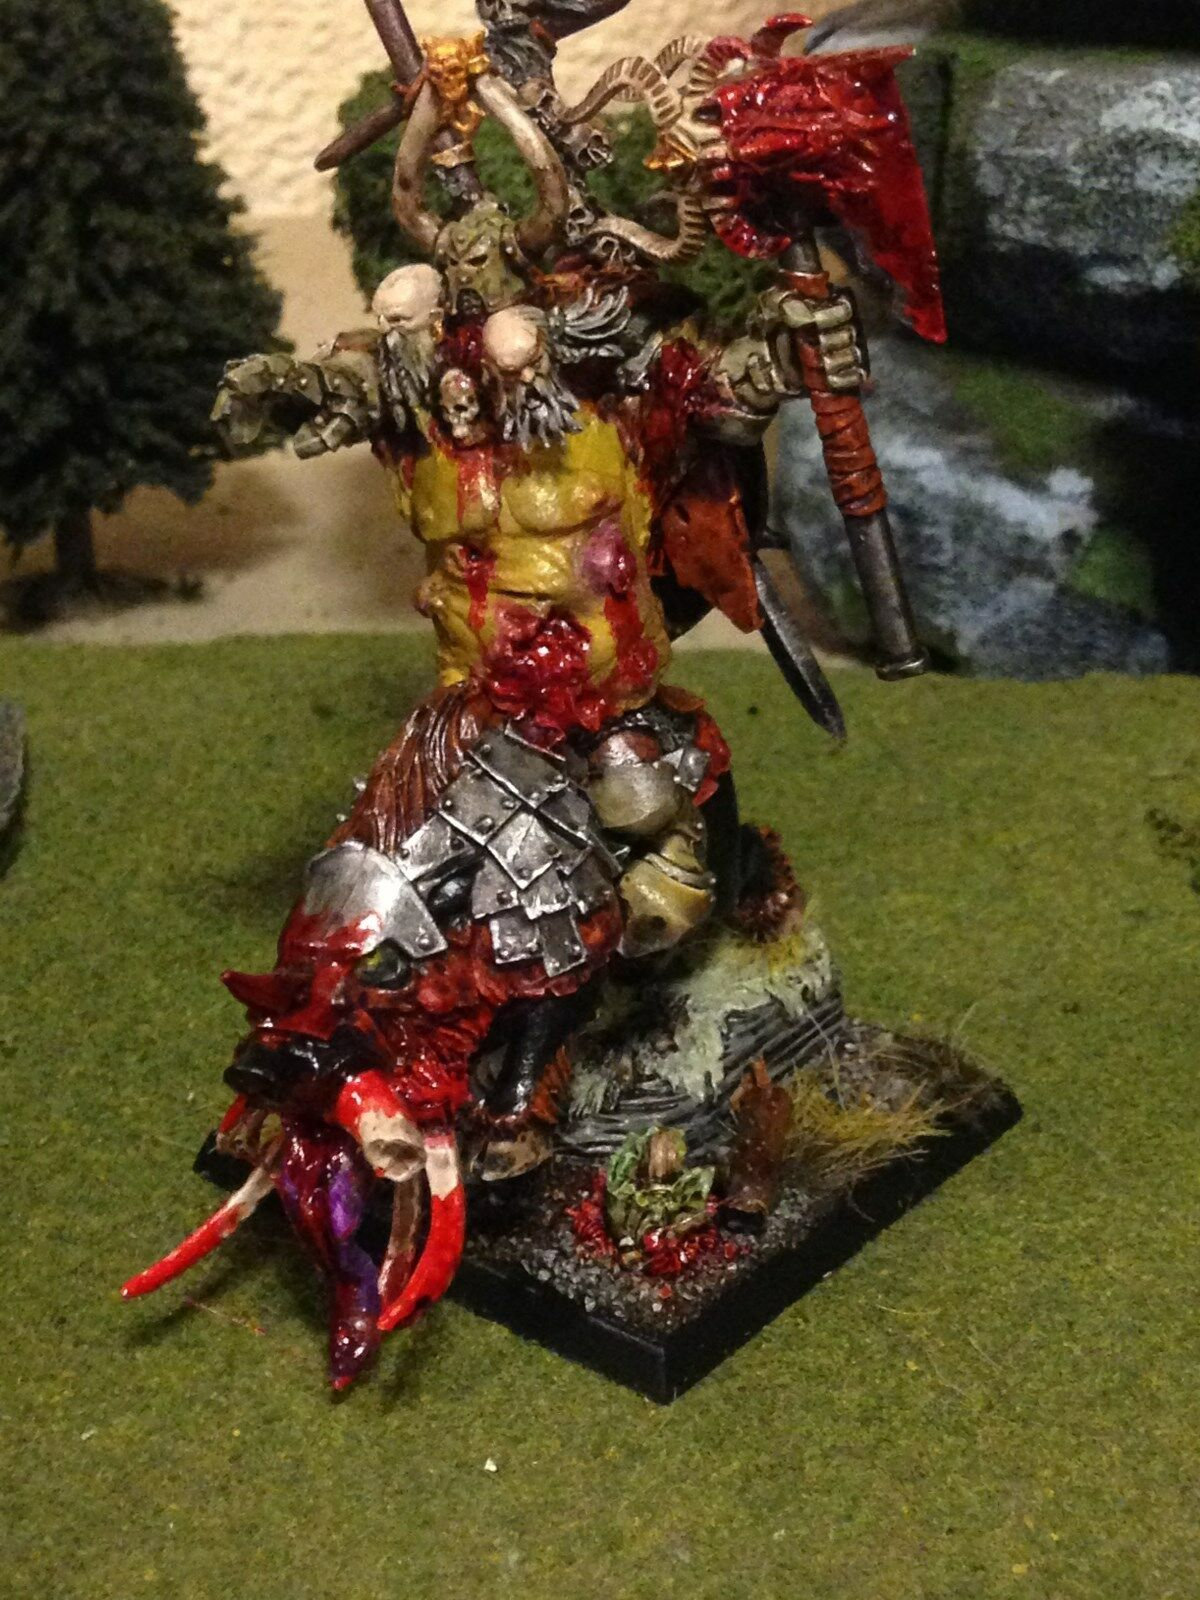 Ahorre 35% - 70% de descuento Warhammer Guerreros Del Caos Nurgle Lord o campeón campeón campeón en el Monte  nueva gama alta exclusiva